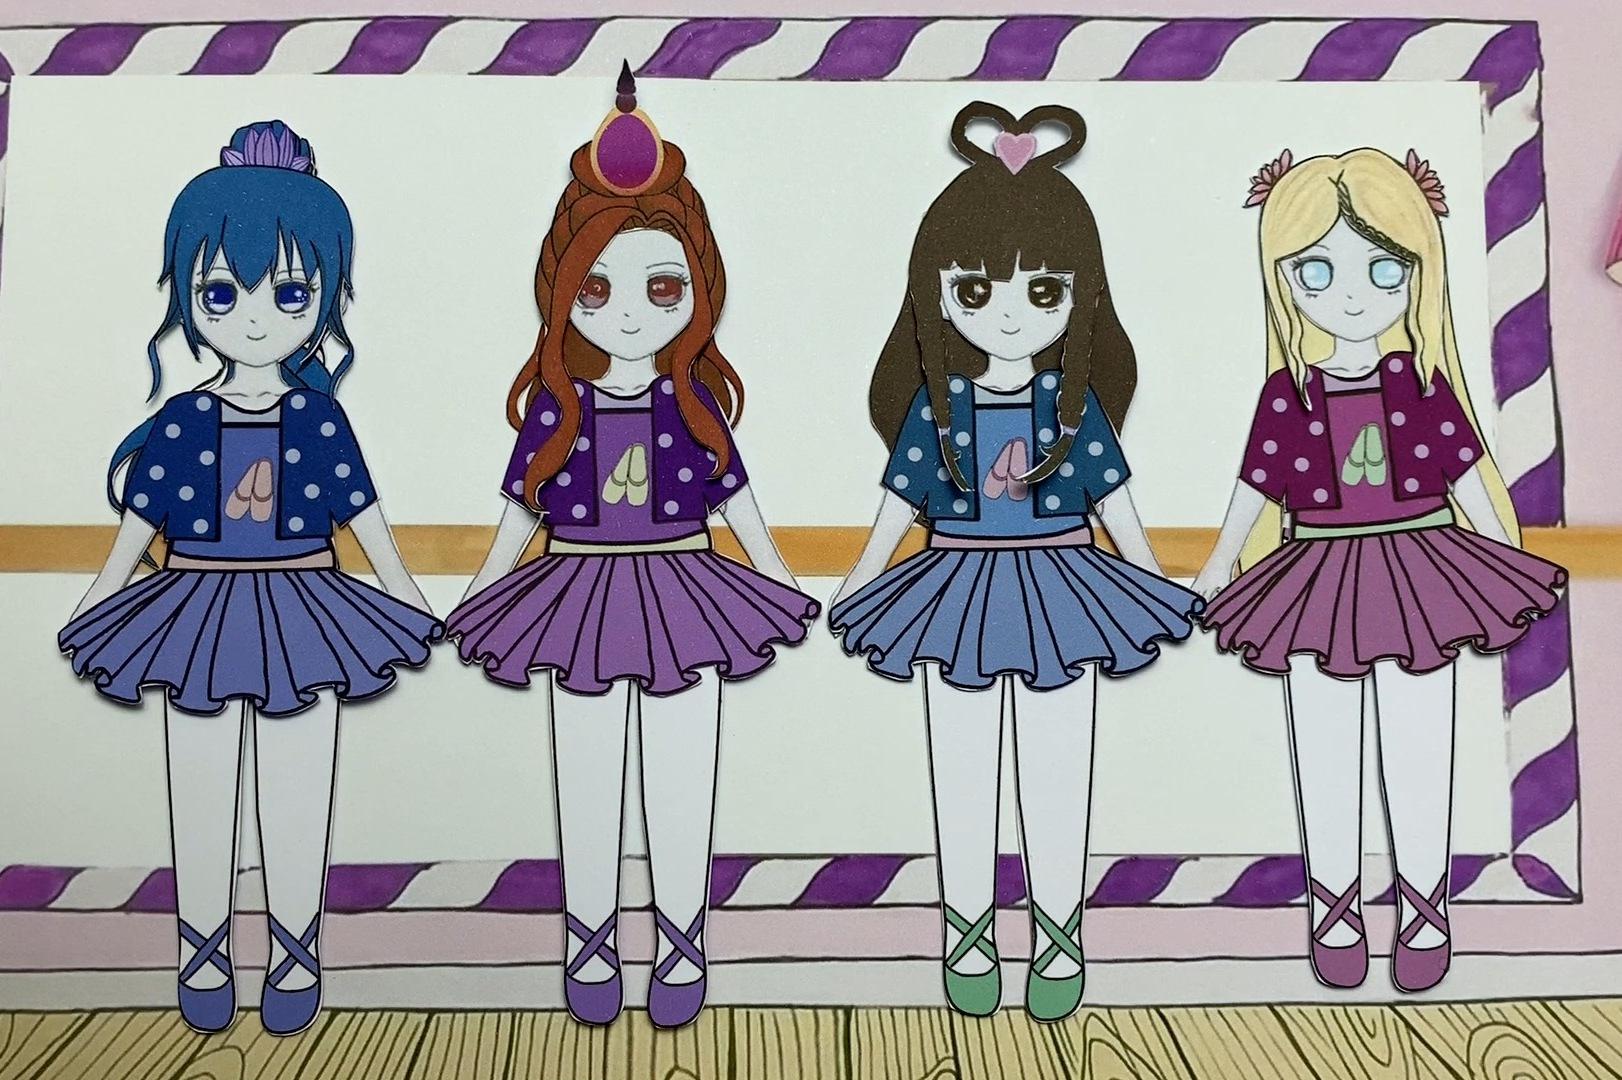 纸娃娃手工换装秀:给叶罗丽仙子和战士换上芭蕾舞裙,喜欢吗?图片